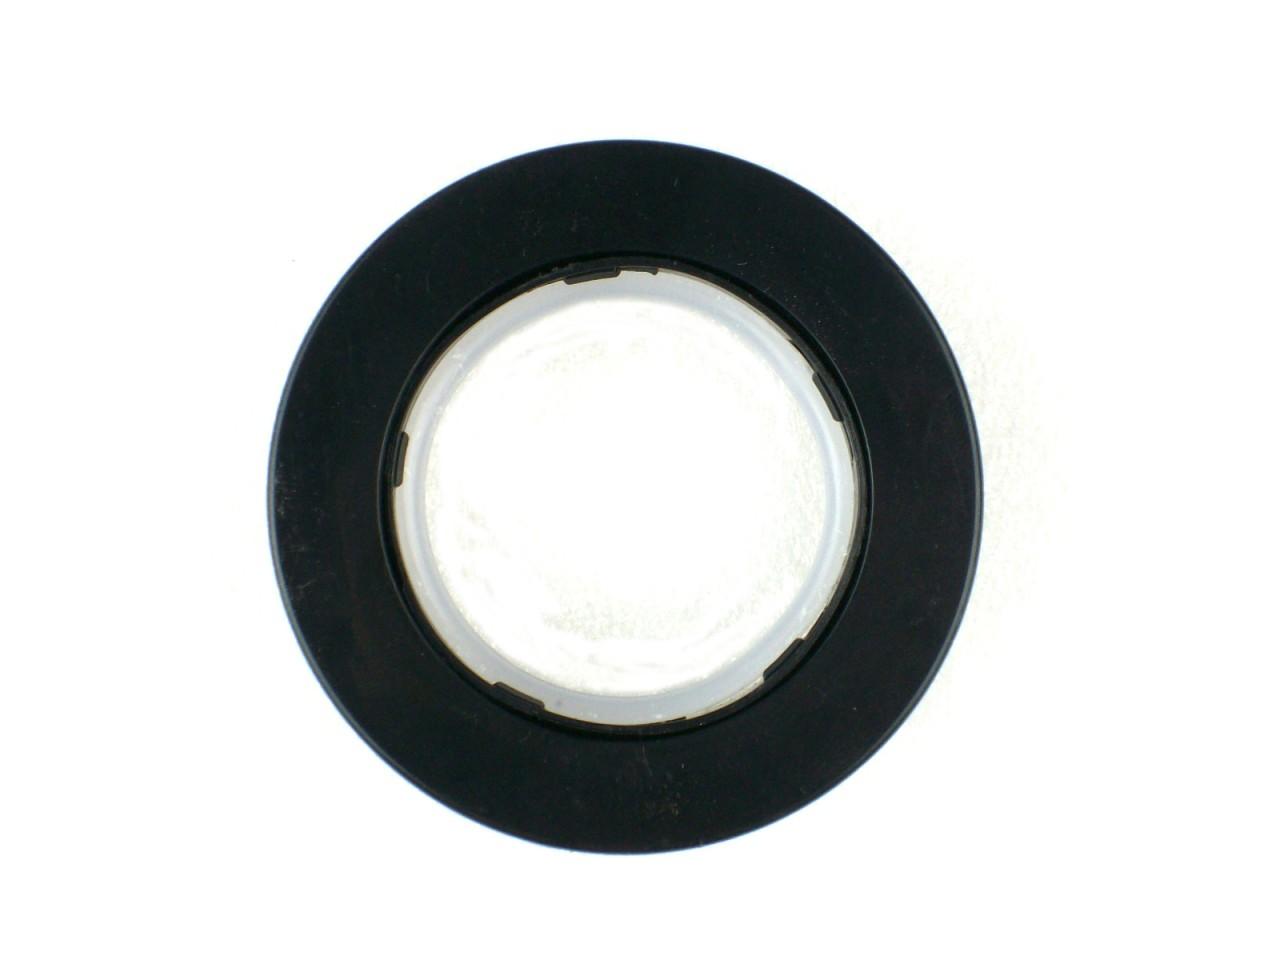 Curtain Eyelet Rings Sizes